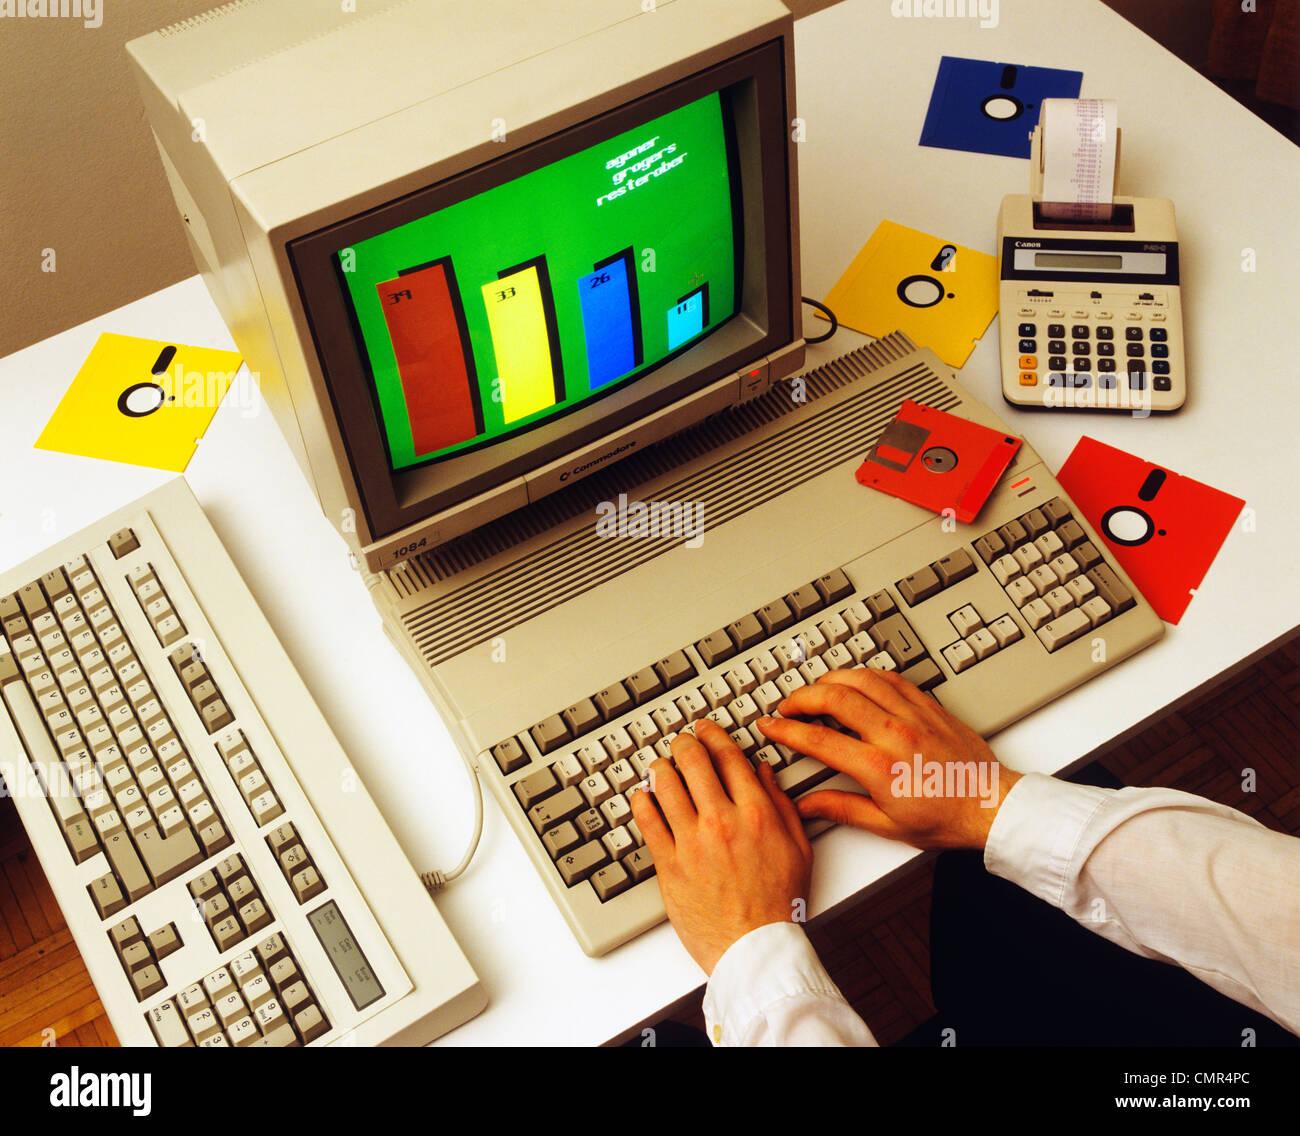 1980ER JAHRE MÄNNLICHE HÄNDE AUF COMPUTER-TASTATUR MIT MONITOR-DISKETTEN-RECHNER Stockbild